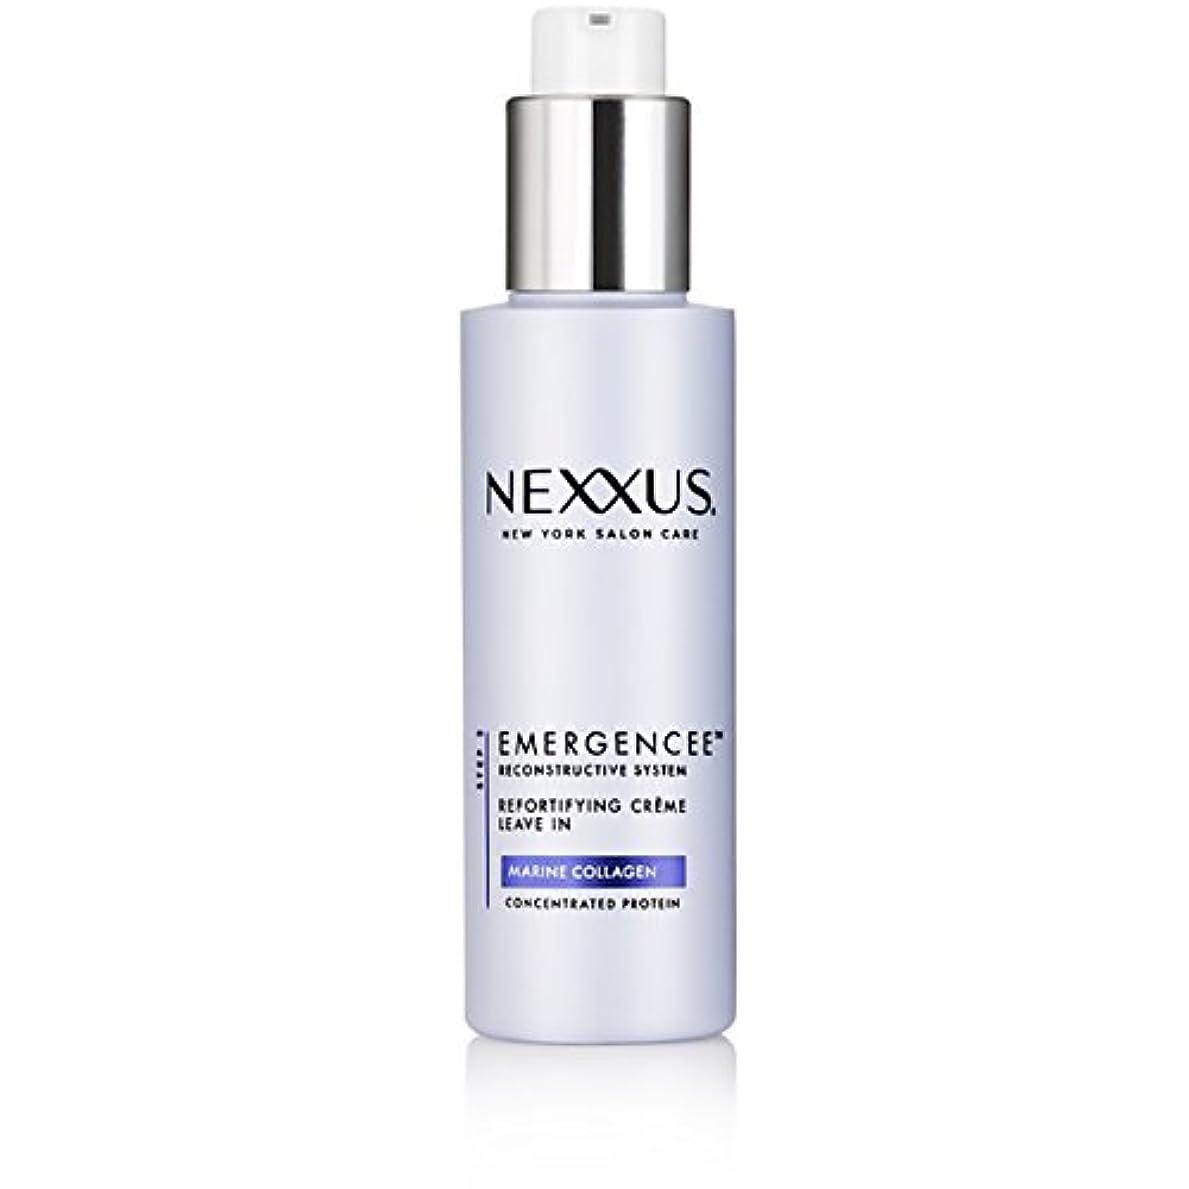 超える失礼な同様にNexxus Emergenceeはダメージを受けた髪のためにクリーム状にしておきます、150 ml